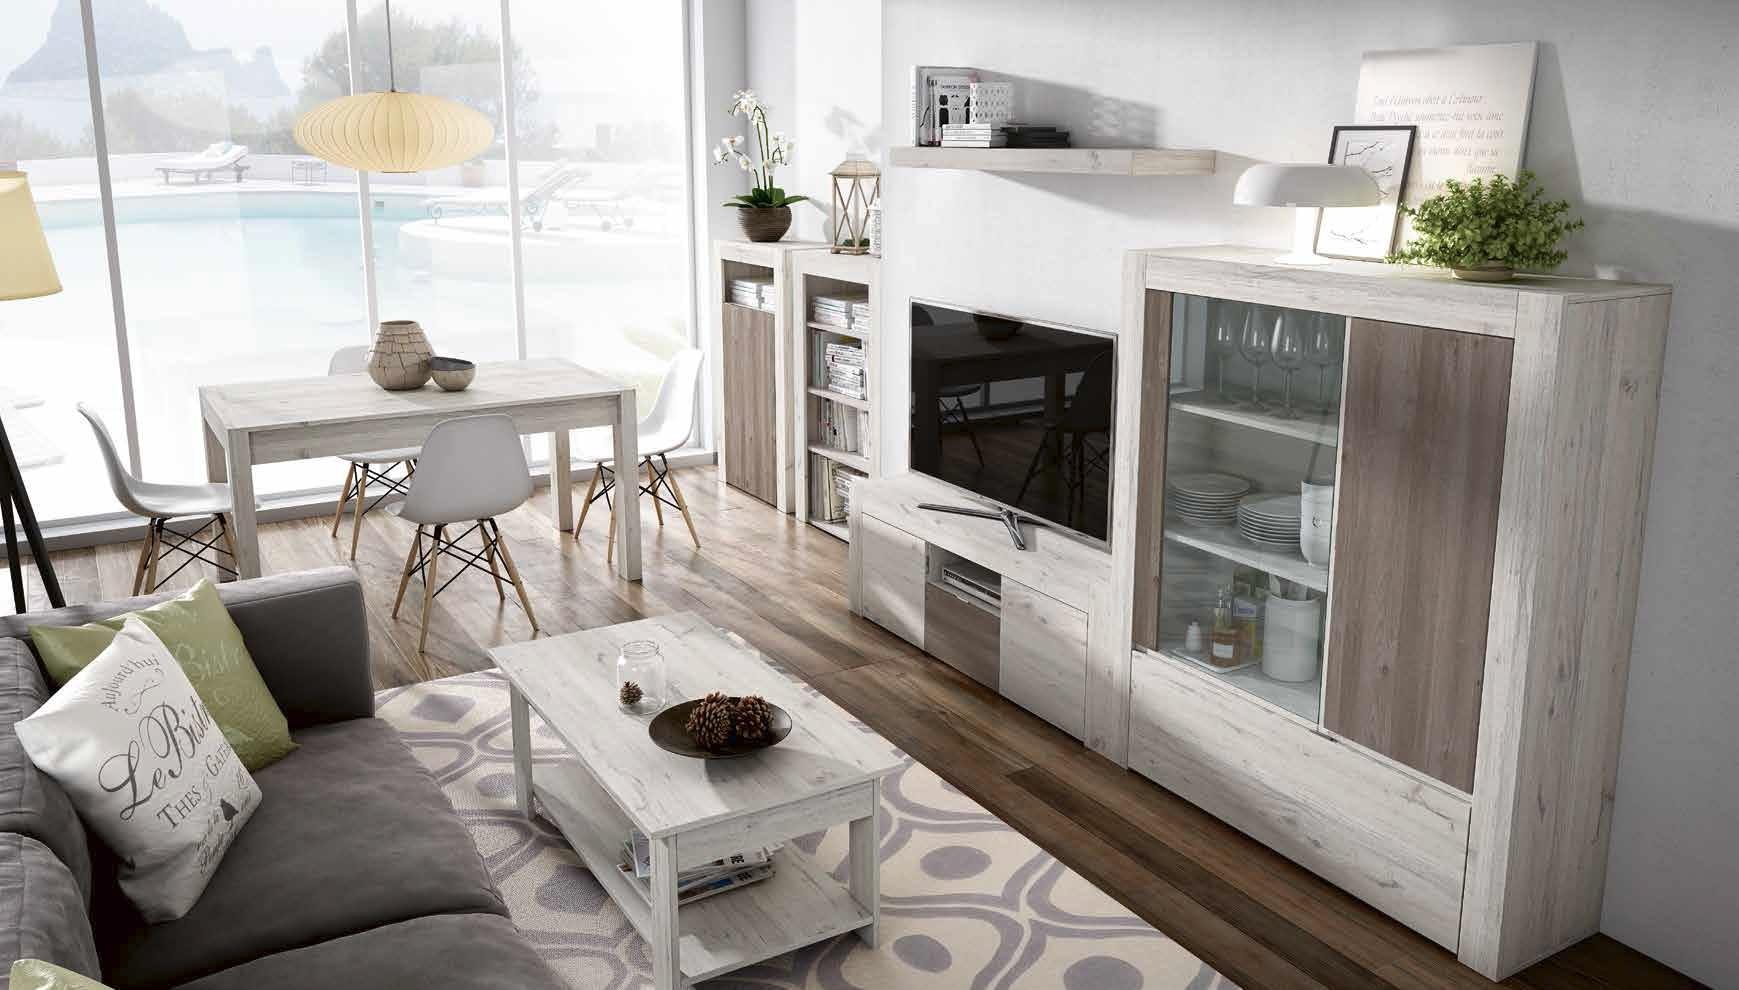 Tienda de muebles baratos online juveniles comedores - Comedores decorados modernos ...